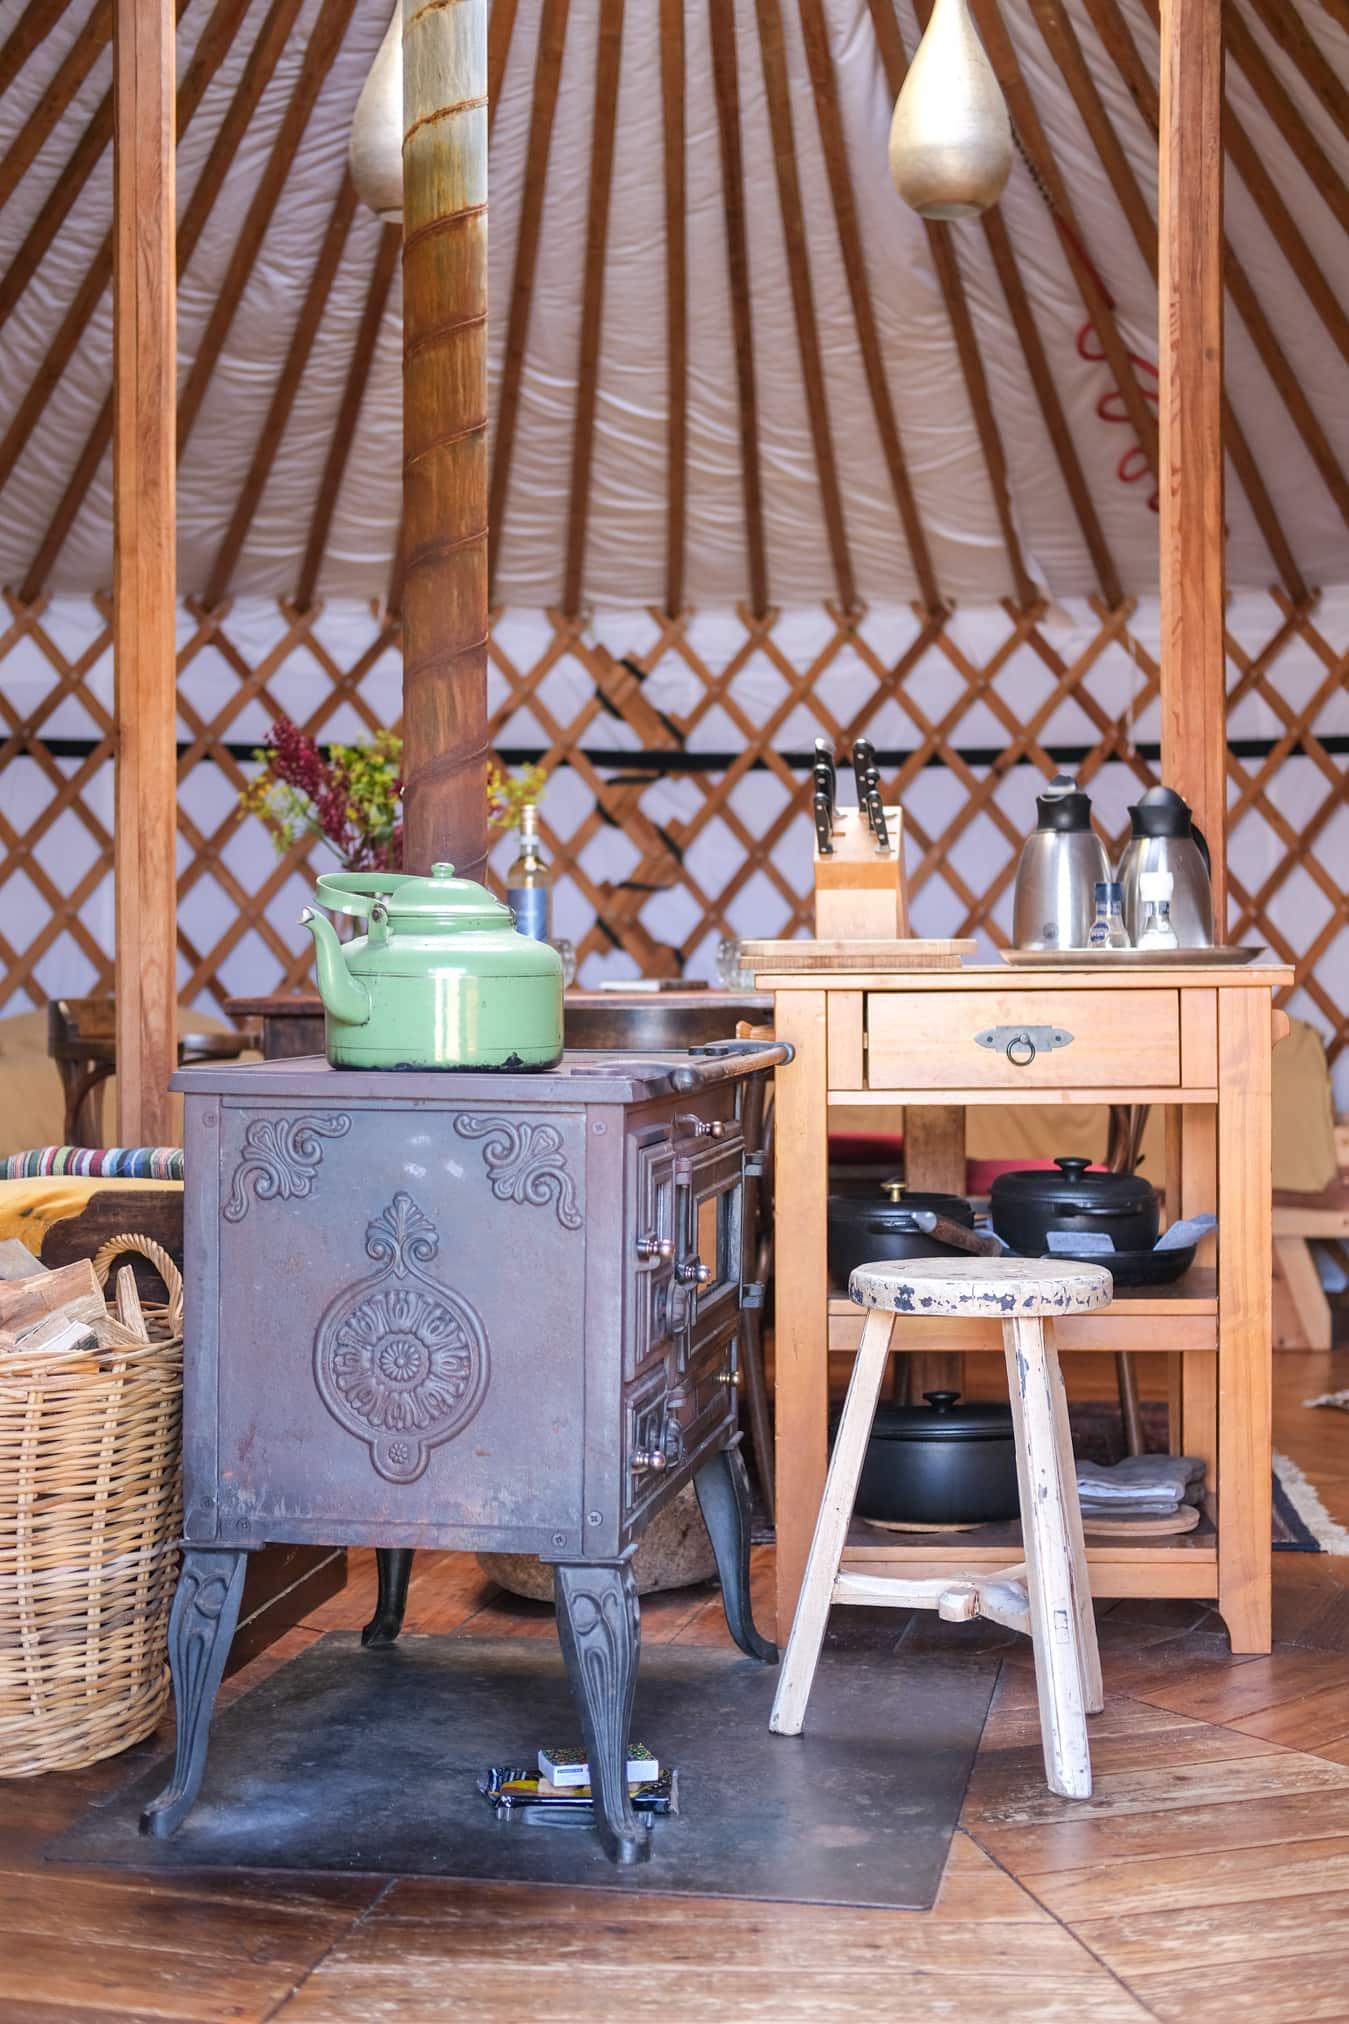 koken in een nomadentent